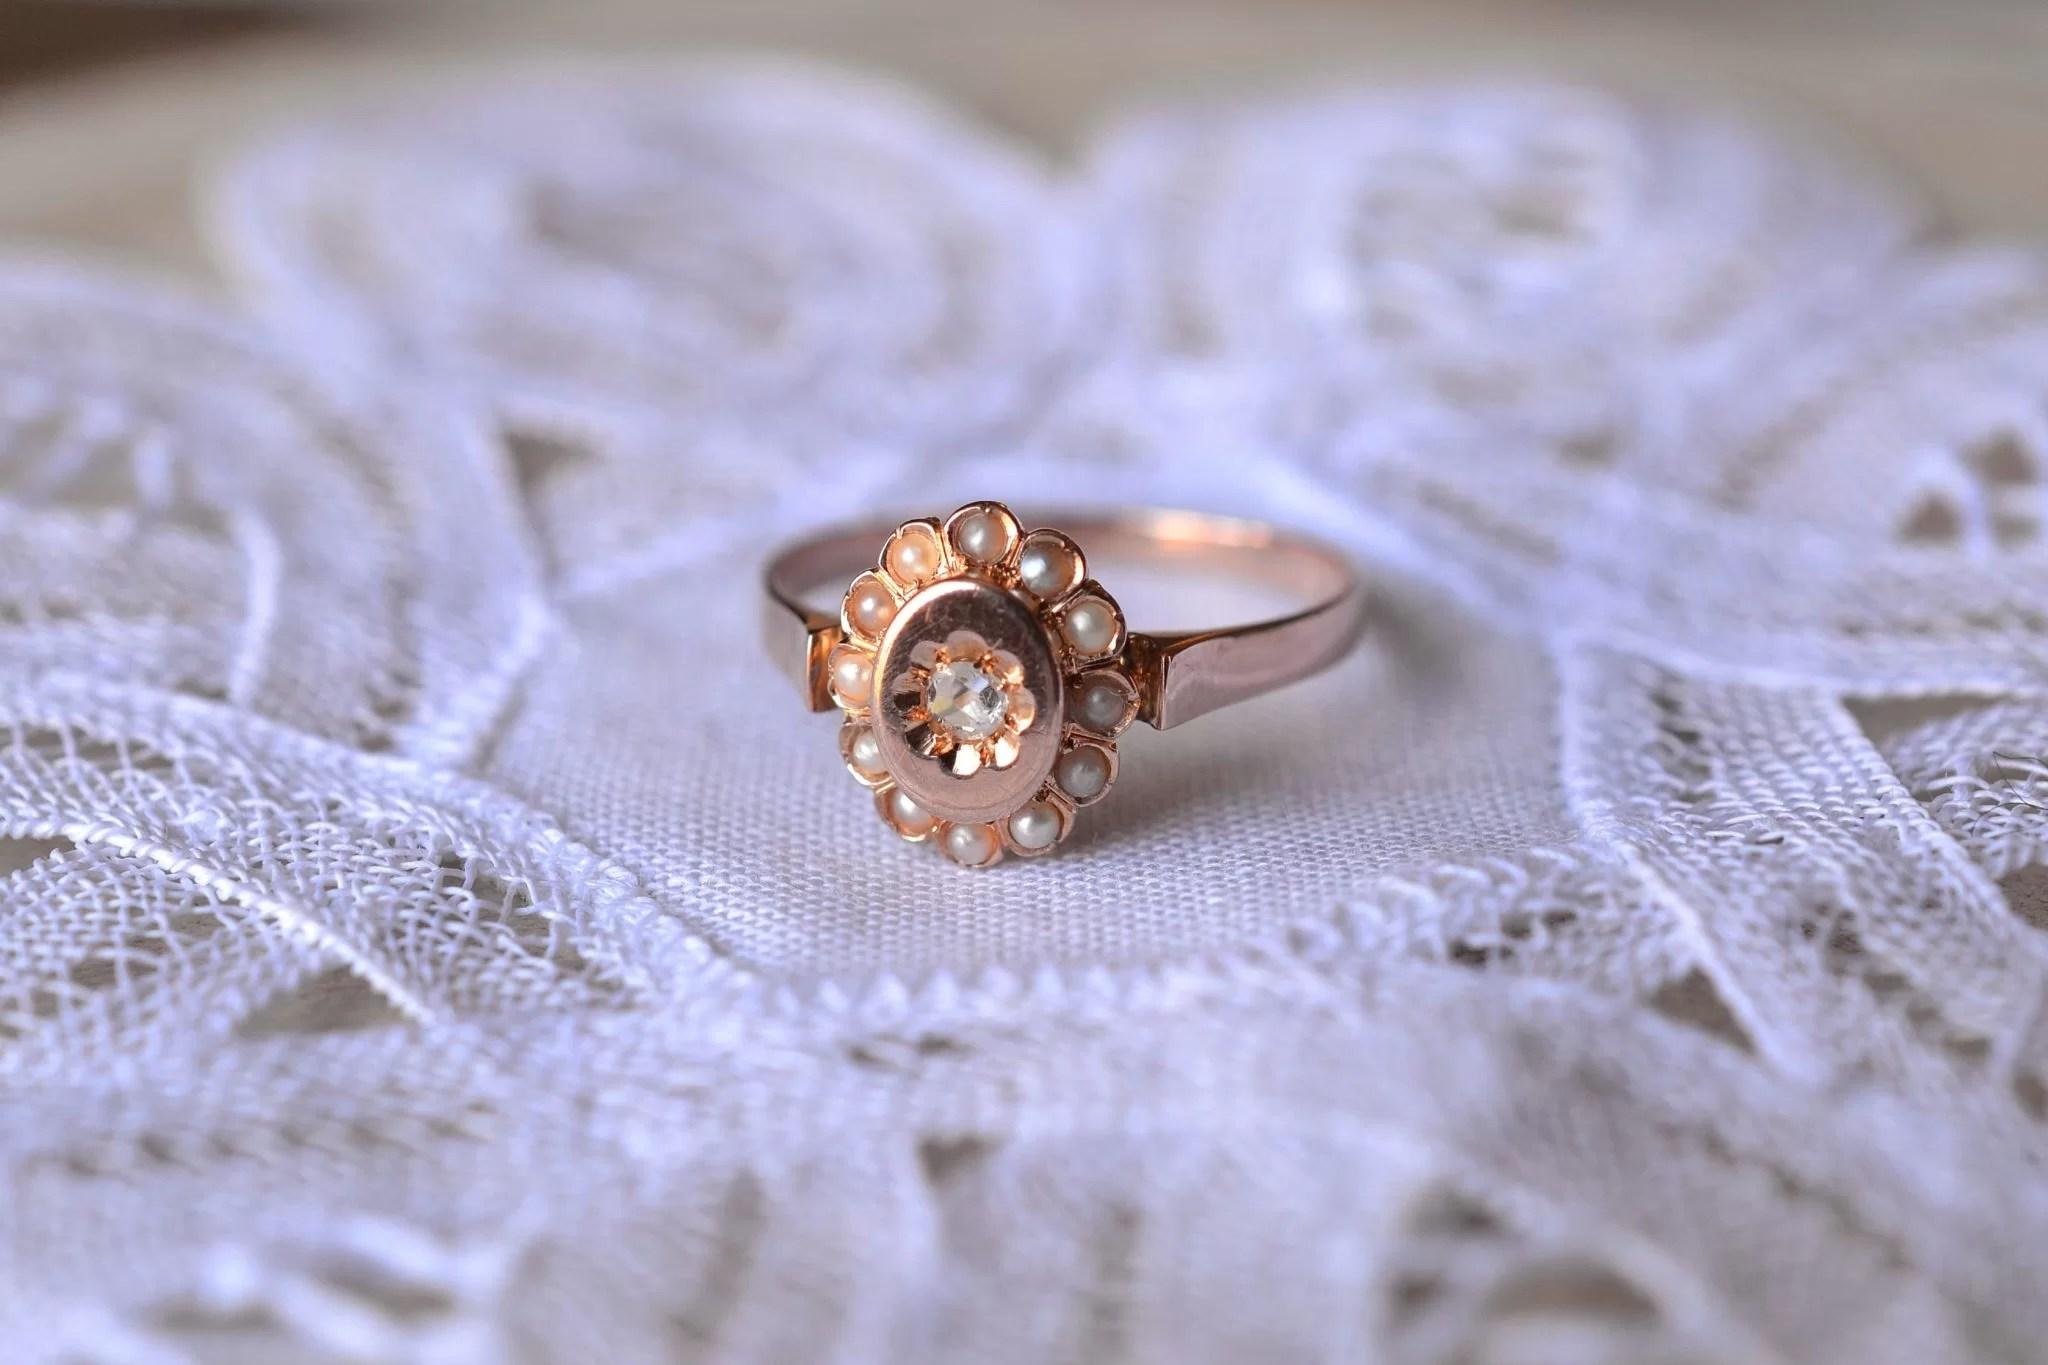 Bague En Or Rose Sertie D_un Diamant Dans Un Entourage De Perle - Bague De Seconde Main